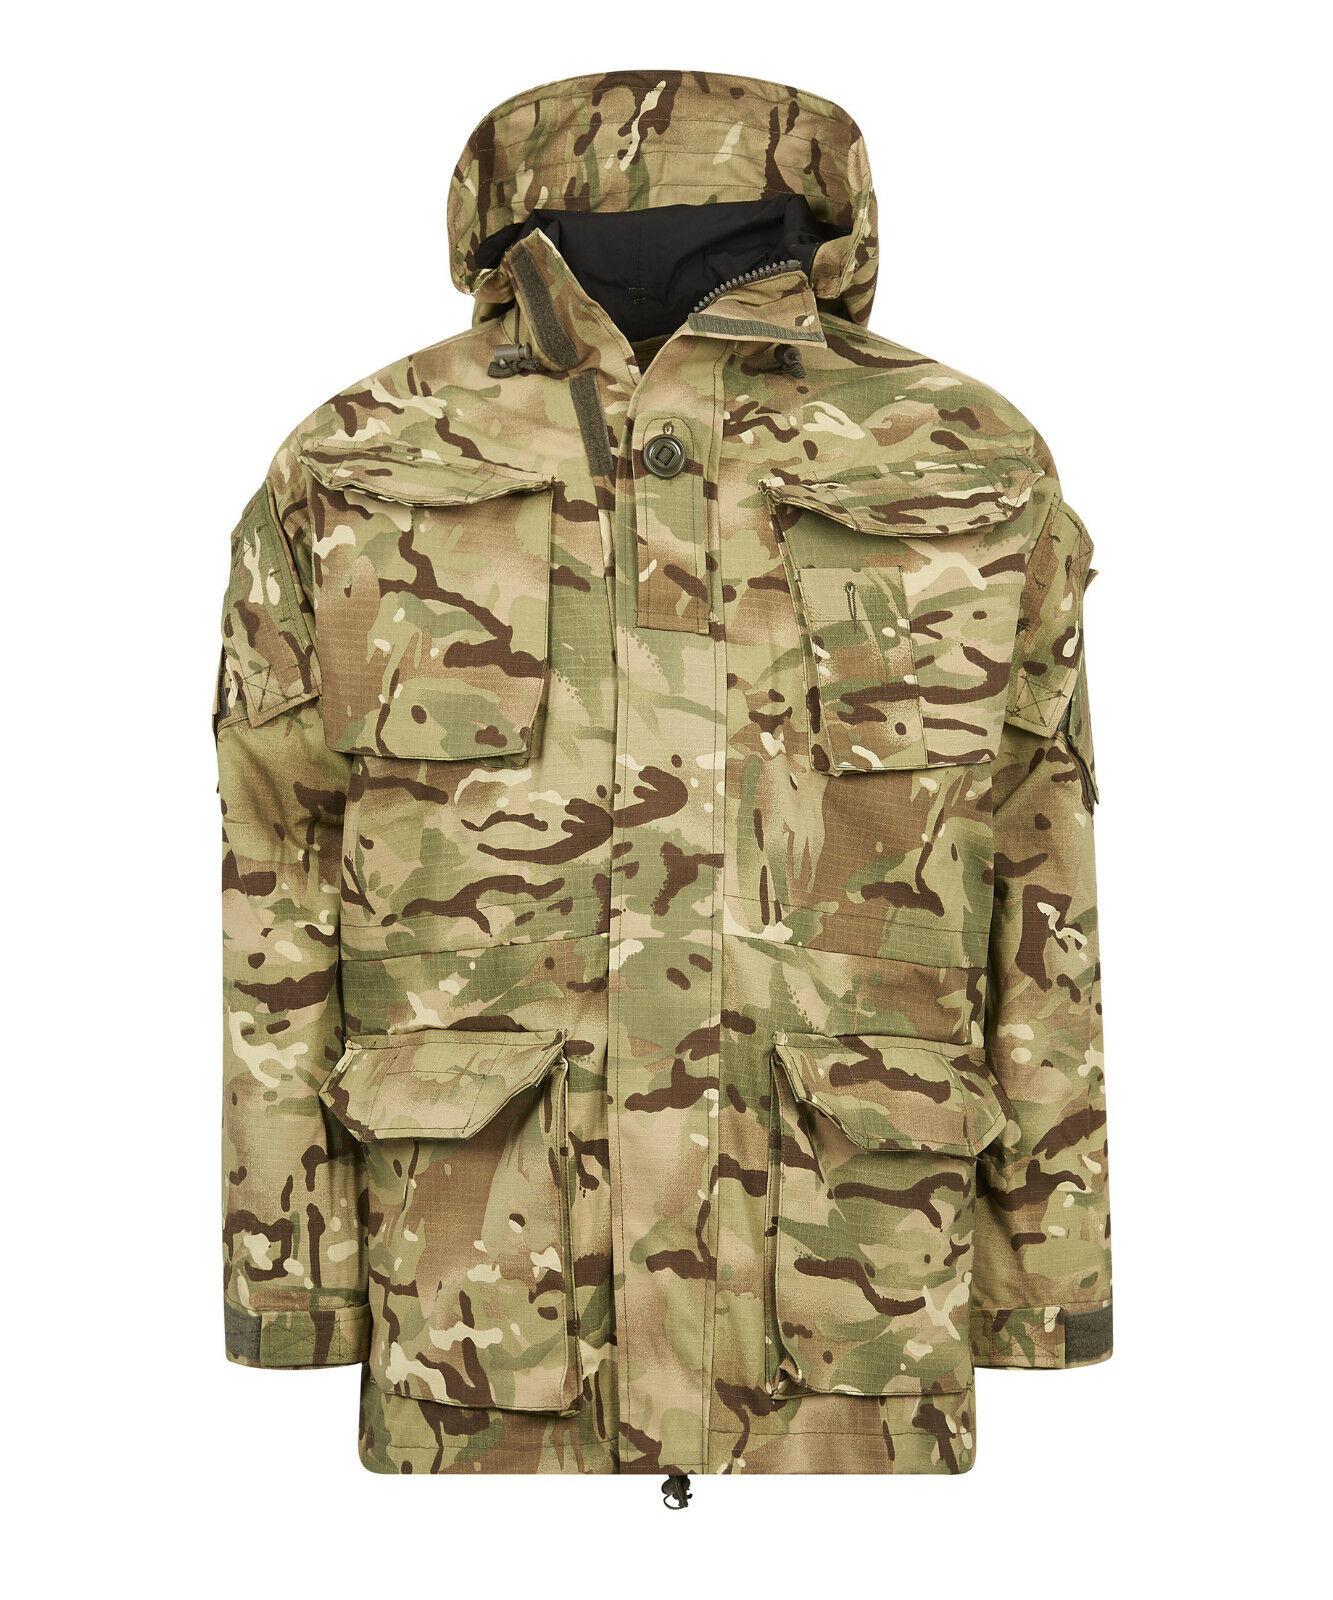 Ejército británico SAS PC  A Prueba de Viento Combate azulsón Chaqueta Forrada MVP Multicam MTP  hasta un 70% de descuento